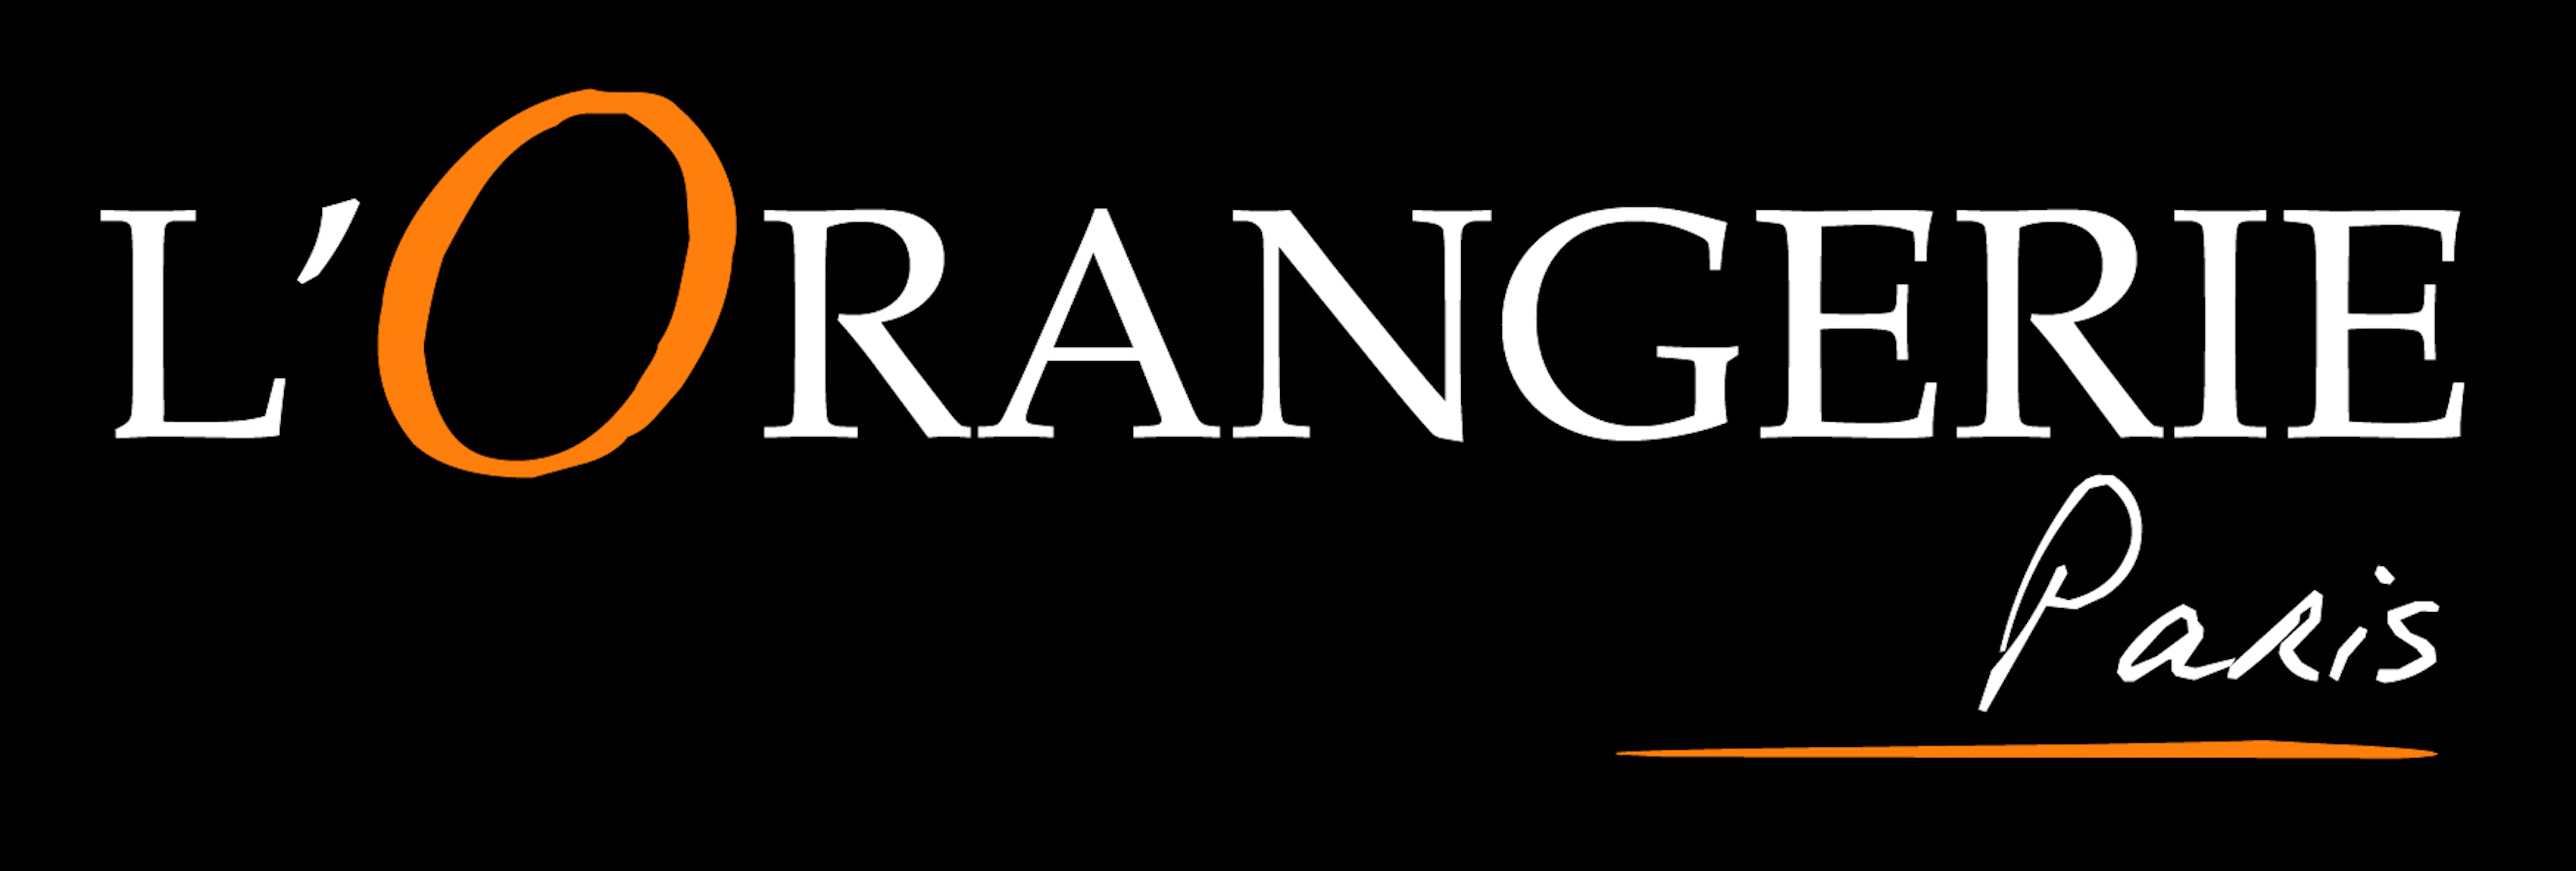 Logo L'Orangerie Paris